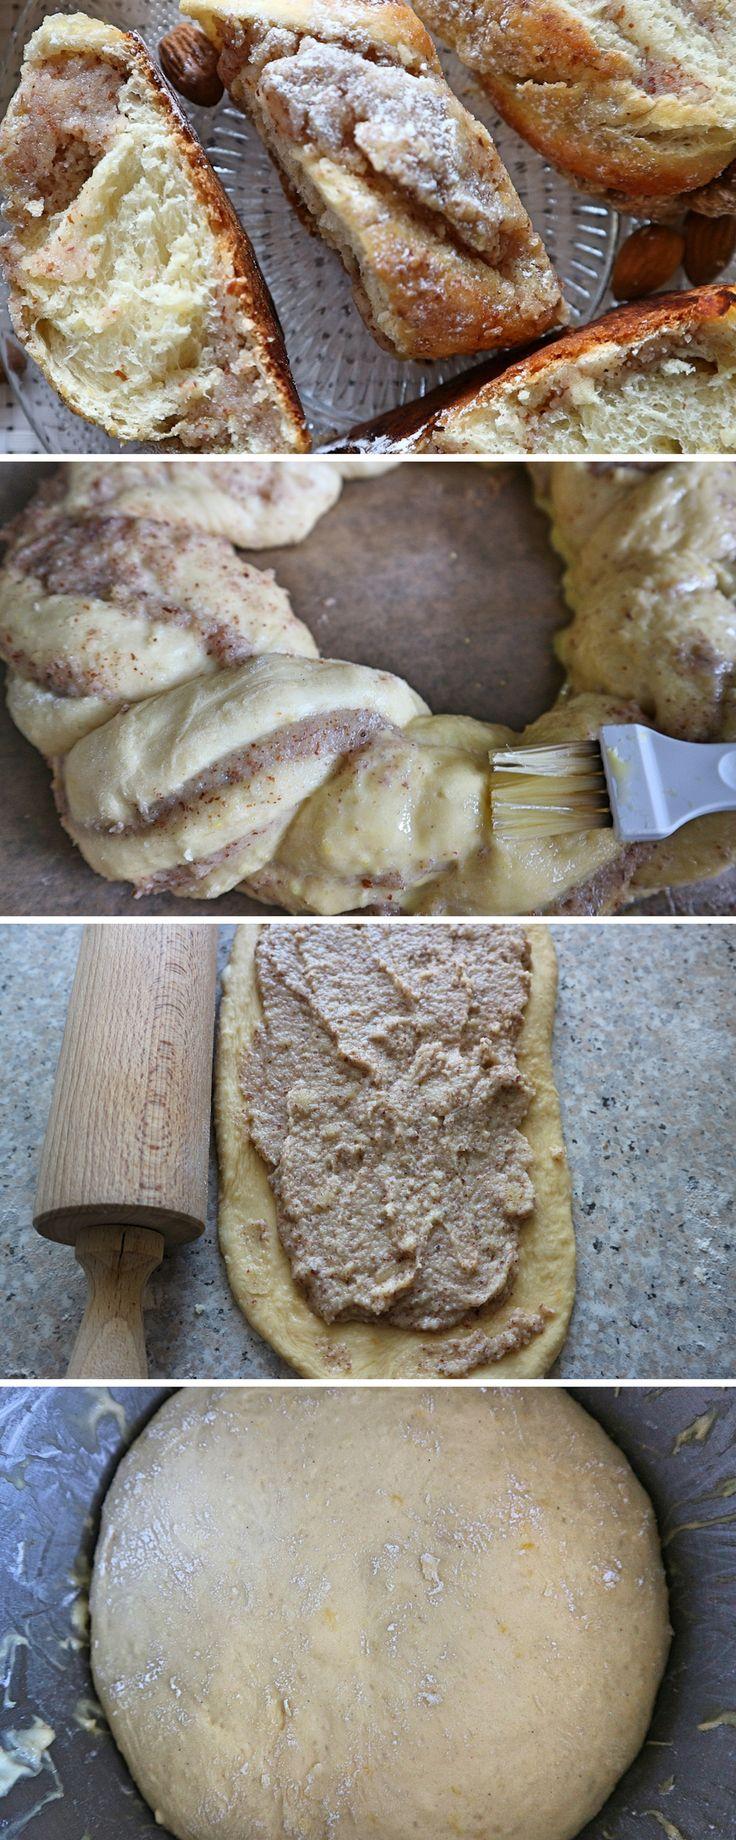 Osterkranz mit Marzipan-Mandel-Füllung – einfaches Rezept   – Leckere Rezepte von inspirationforall.de – einfach, schnell, besonders